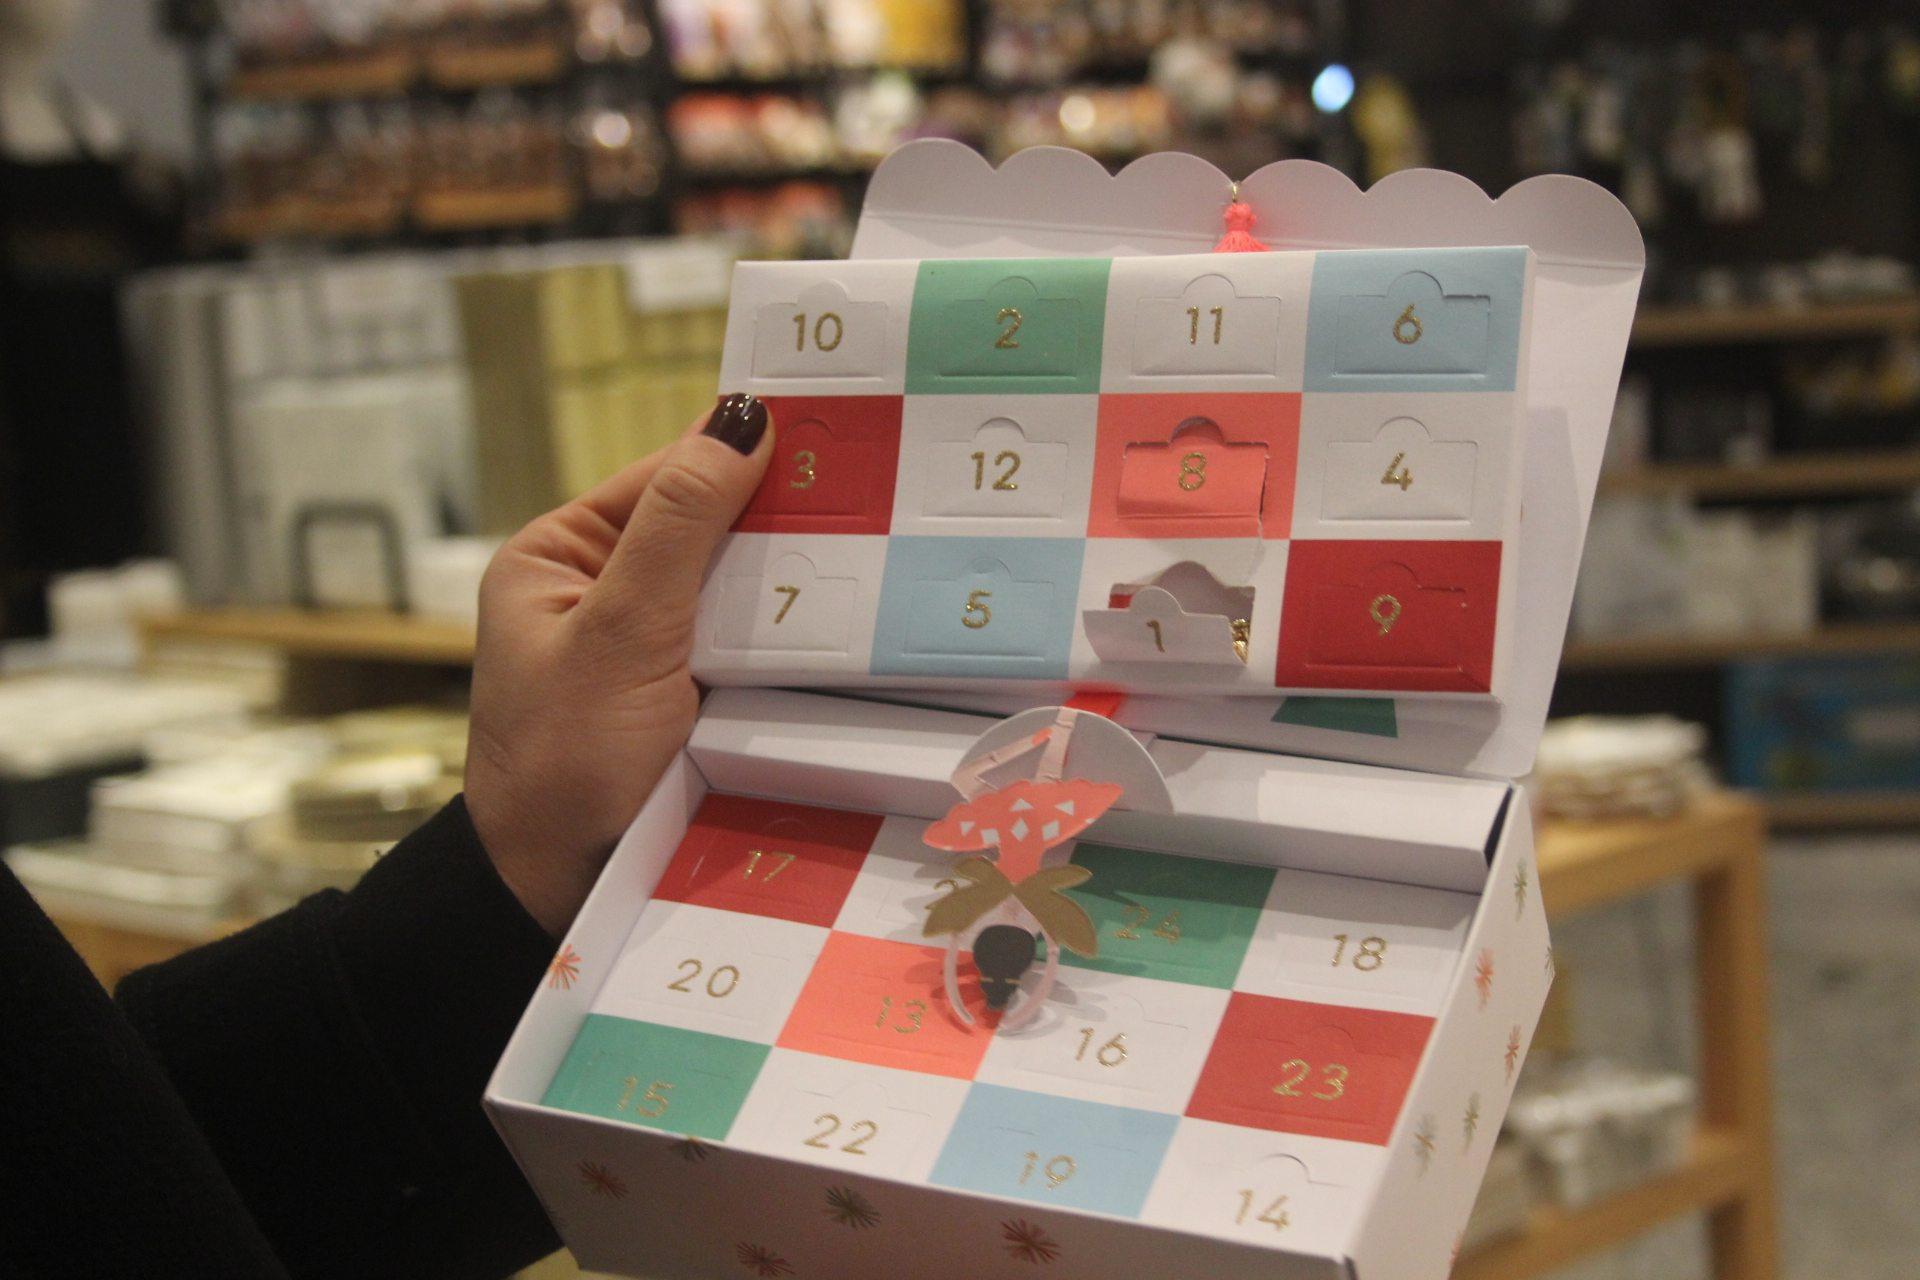 #984A33 Um Natal Gourmet Na Grande Épicerie Do Bon Marché Paris  5347 décorations de noel bon marché 1920x1280 px @ aertt.com